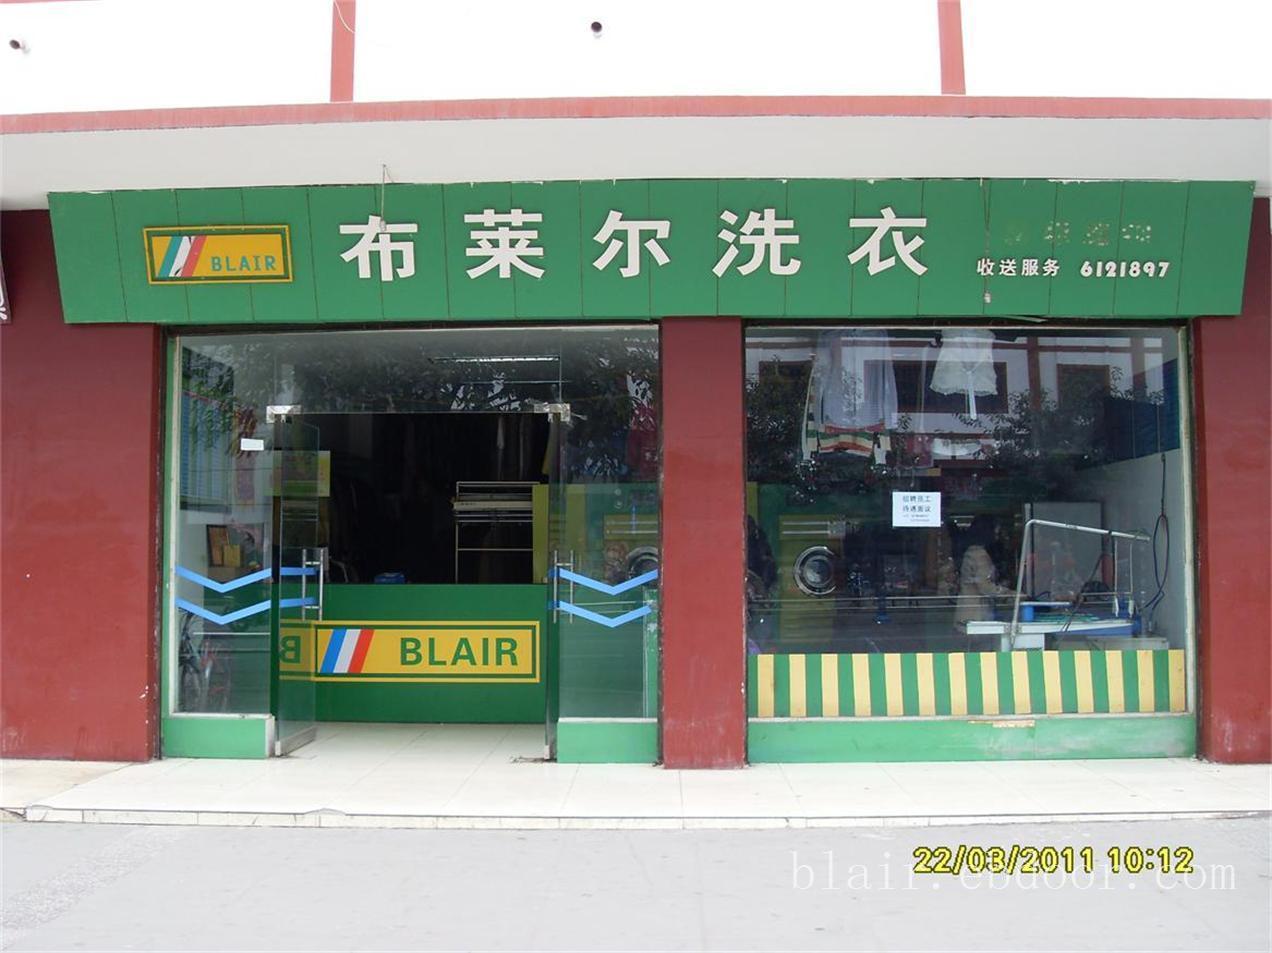 国际皮具护理 香奈儿LV护理培训 干洗店洗衣技术学习